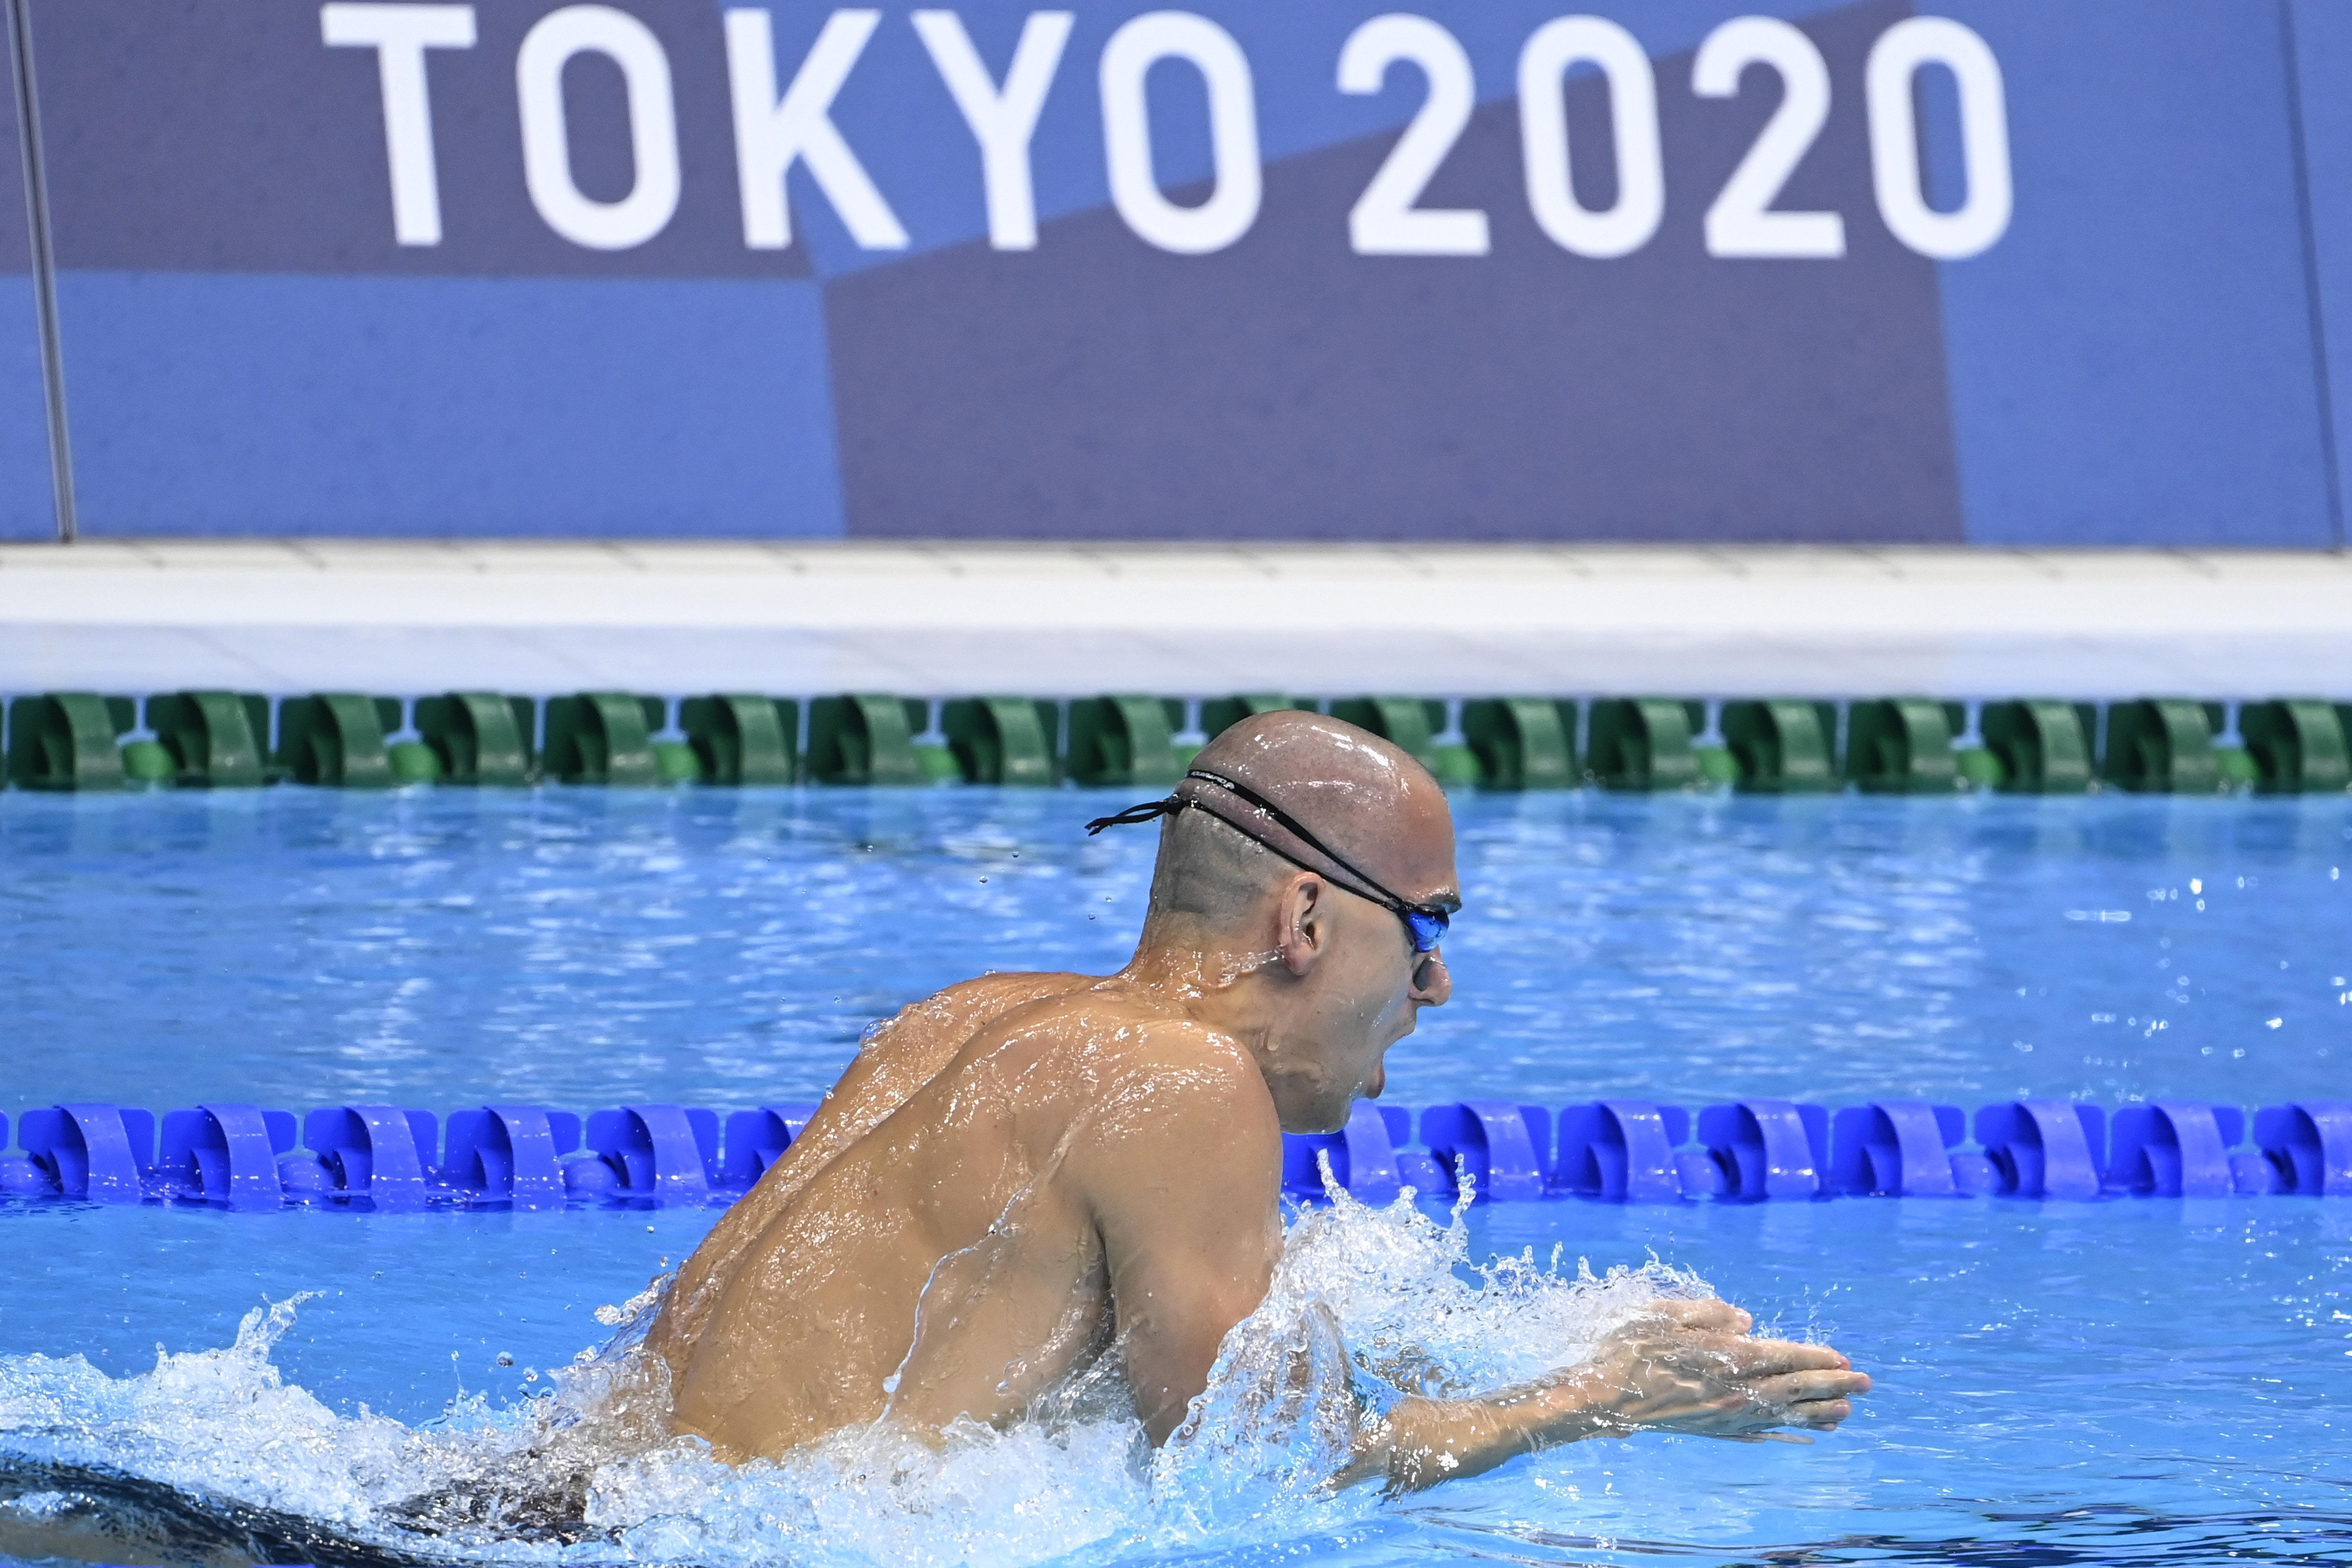 Cseh László hetedik lett élete utolsó olimpiai versenyén